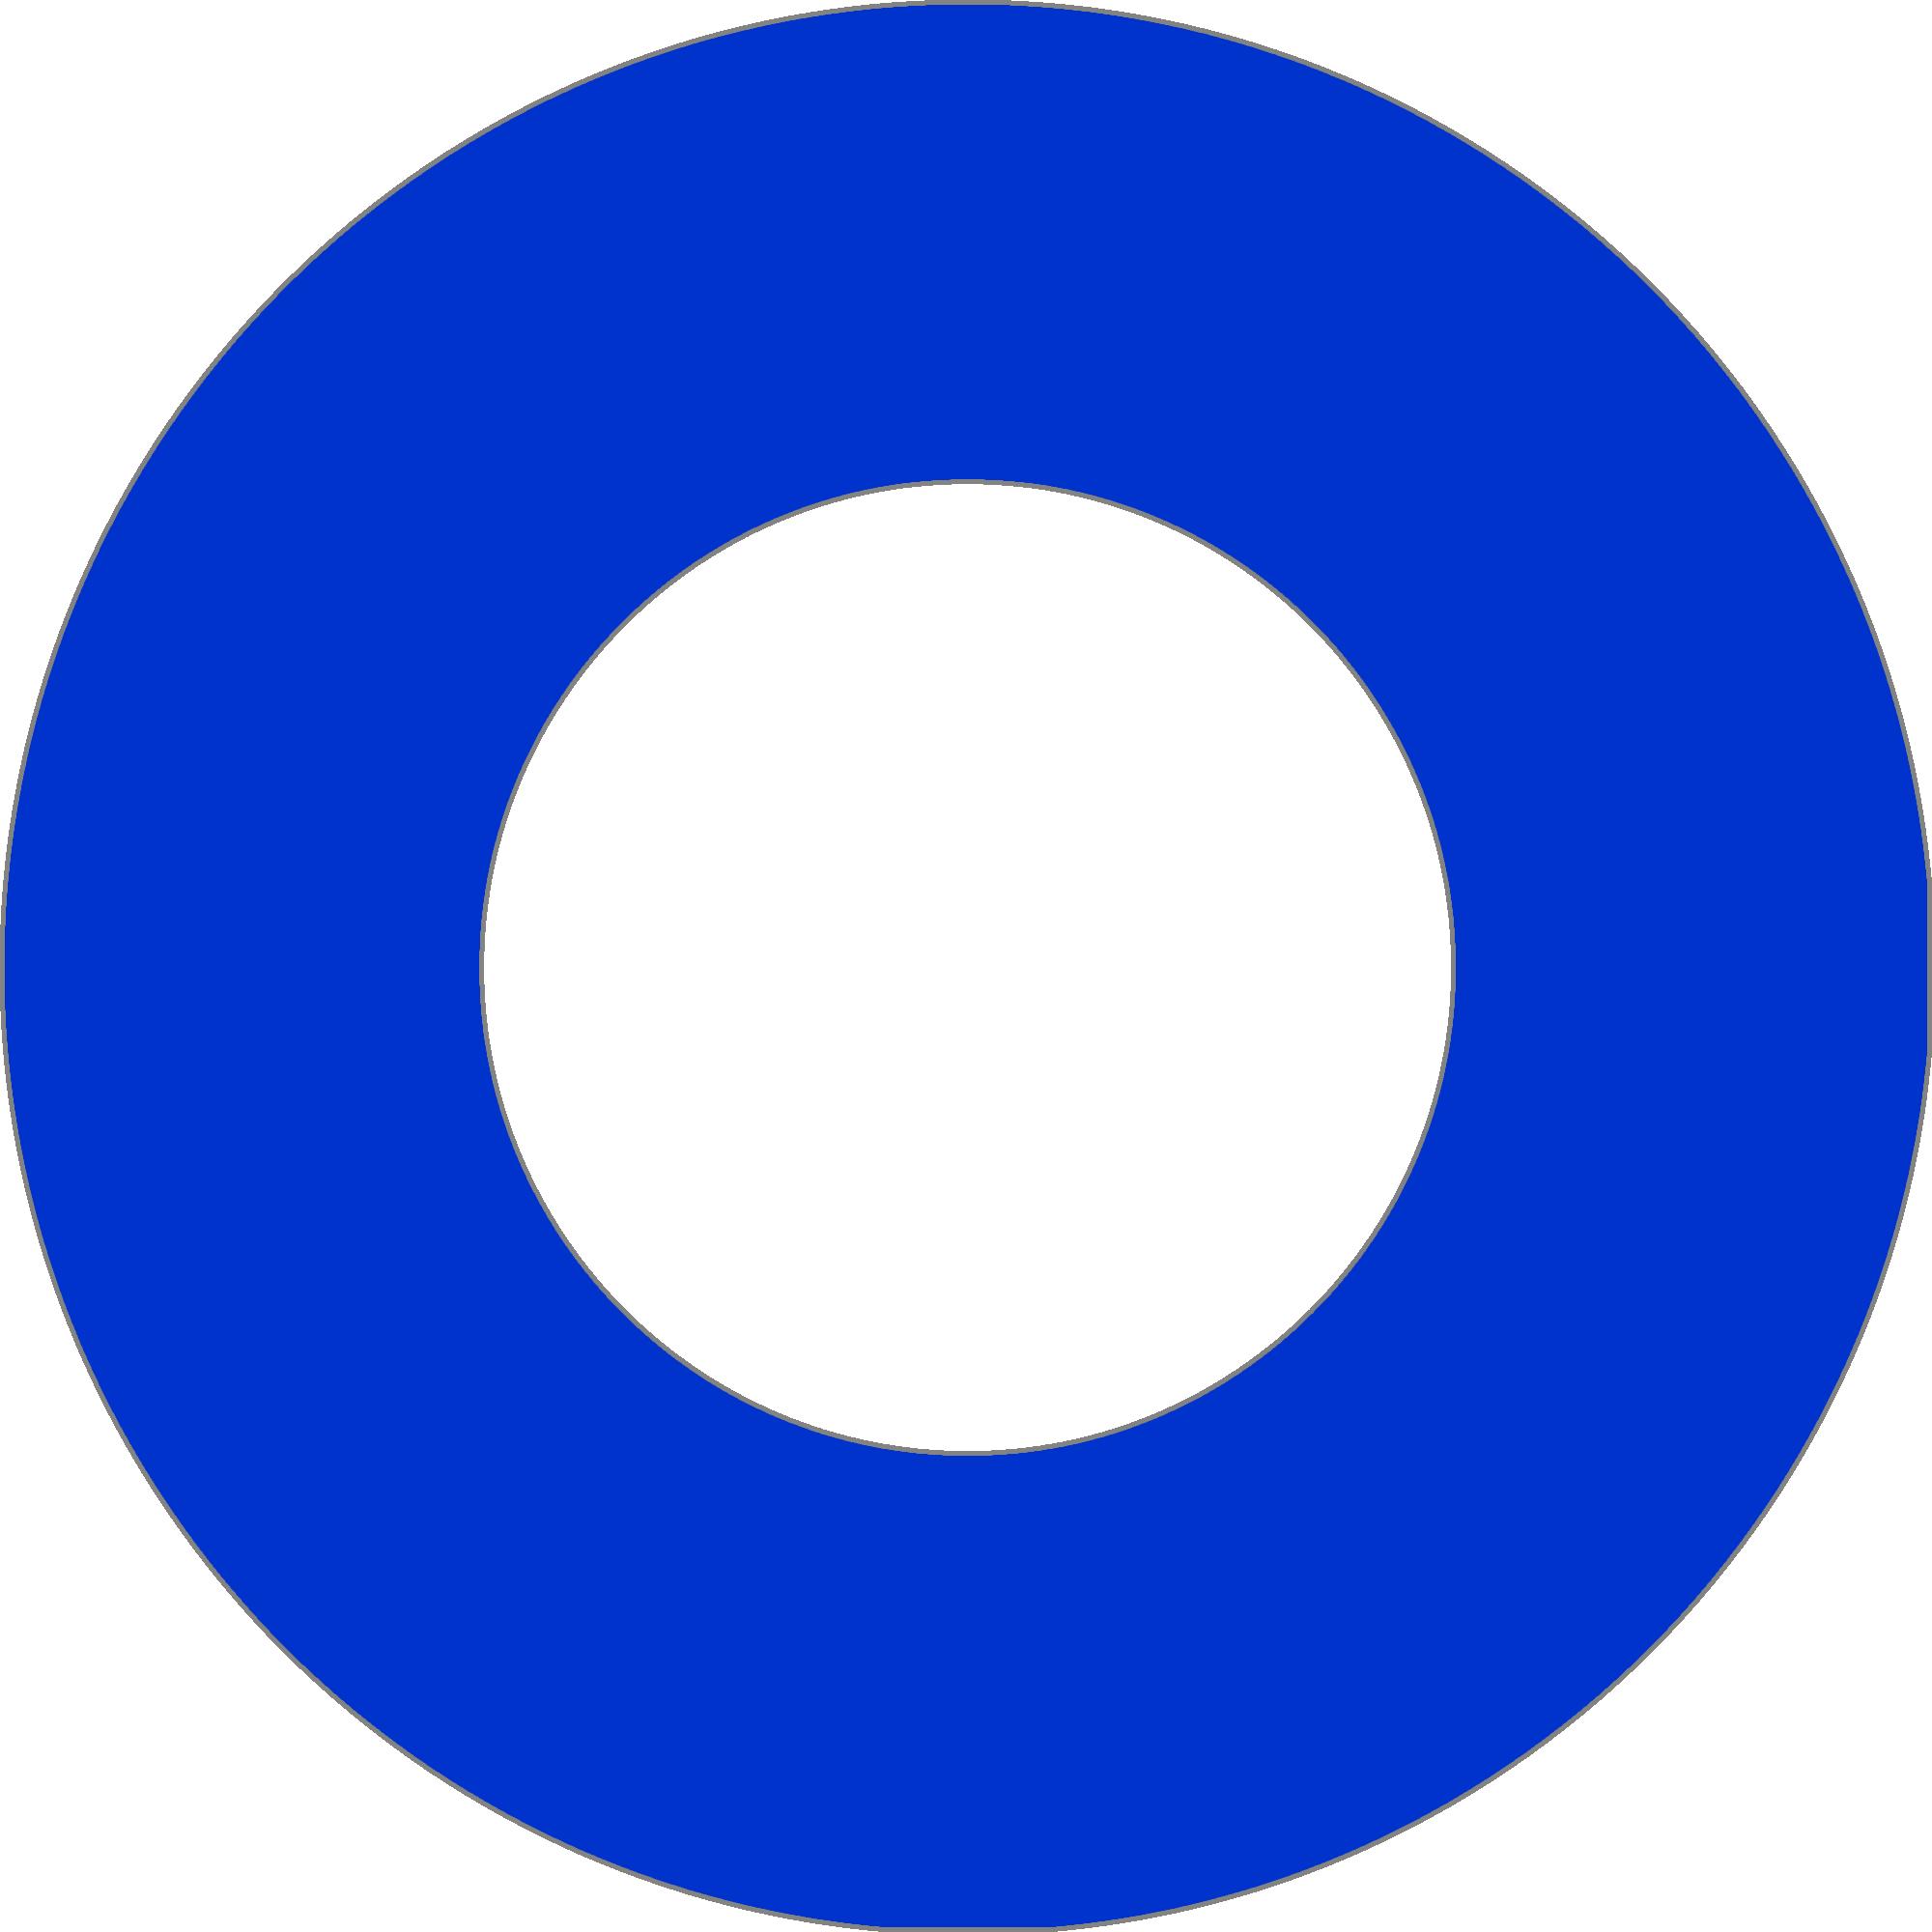 Circle clipart navy blue Png circle File:Navy Commons circle